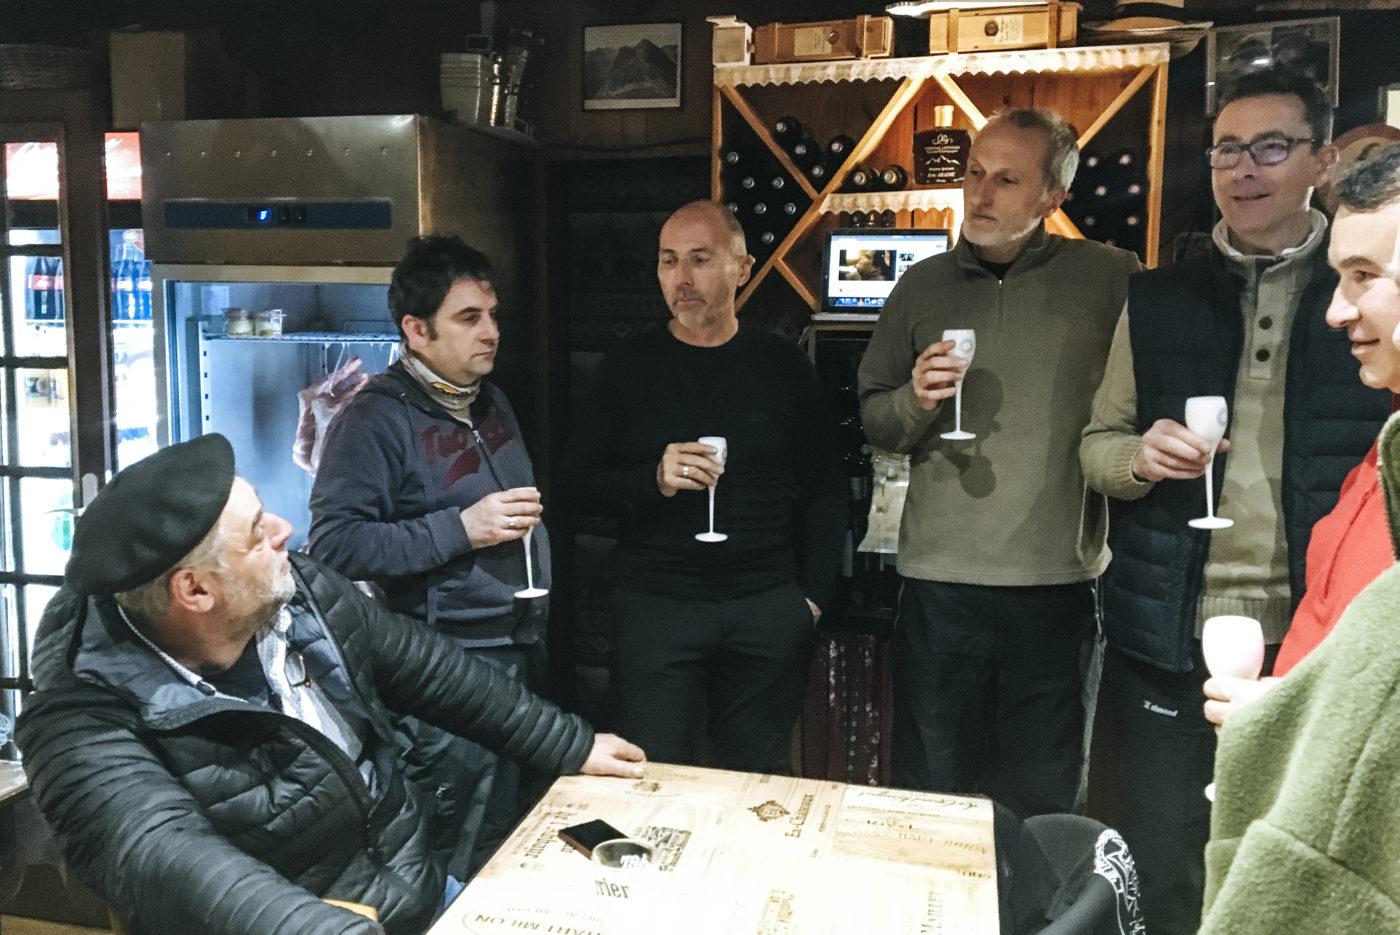 seminaire mongie pyrénées agence erronda tema building event pays basque voyage randonnée restaurant étape du berger eric abadie